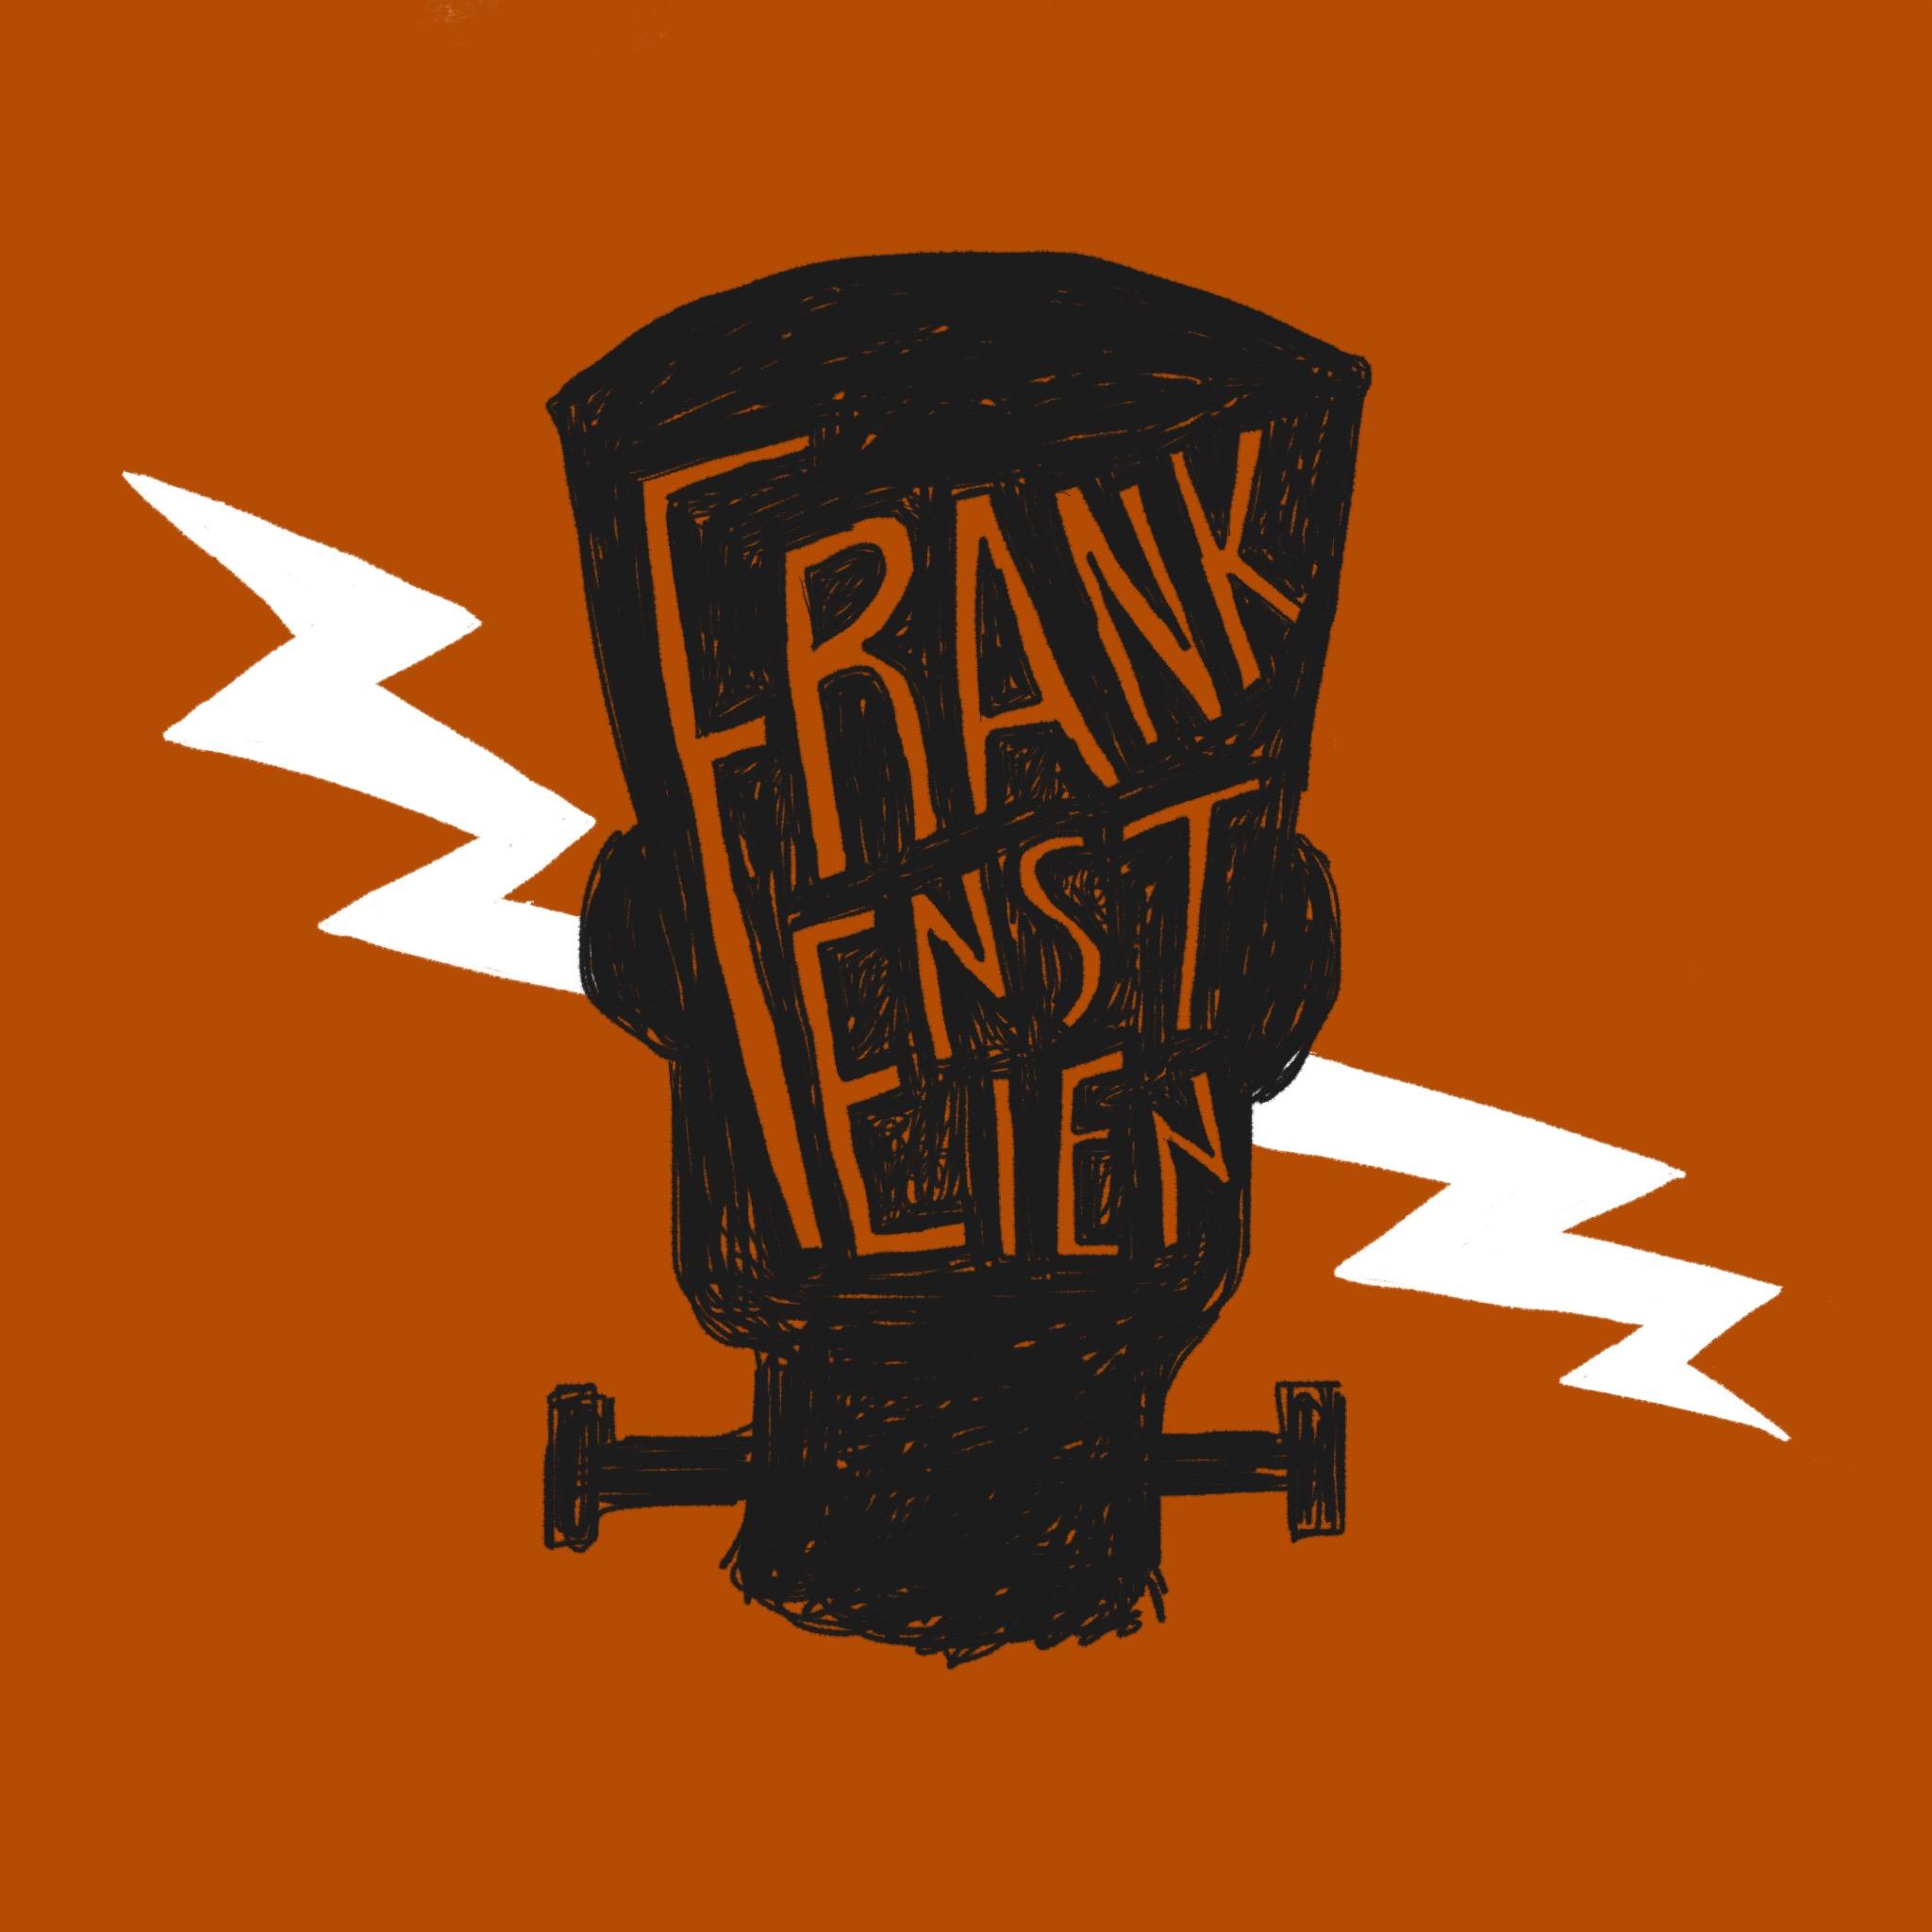 Frankenstein.jpeg